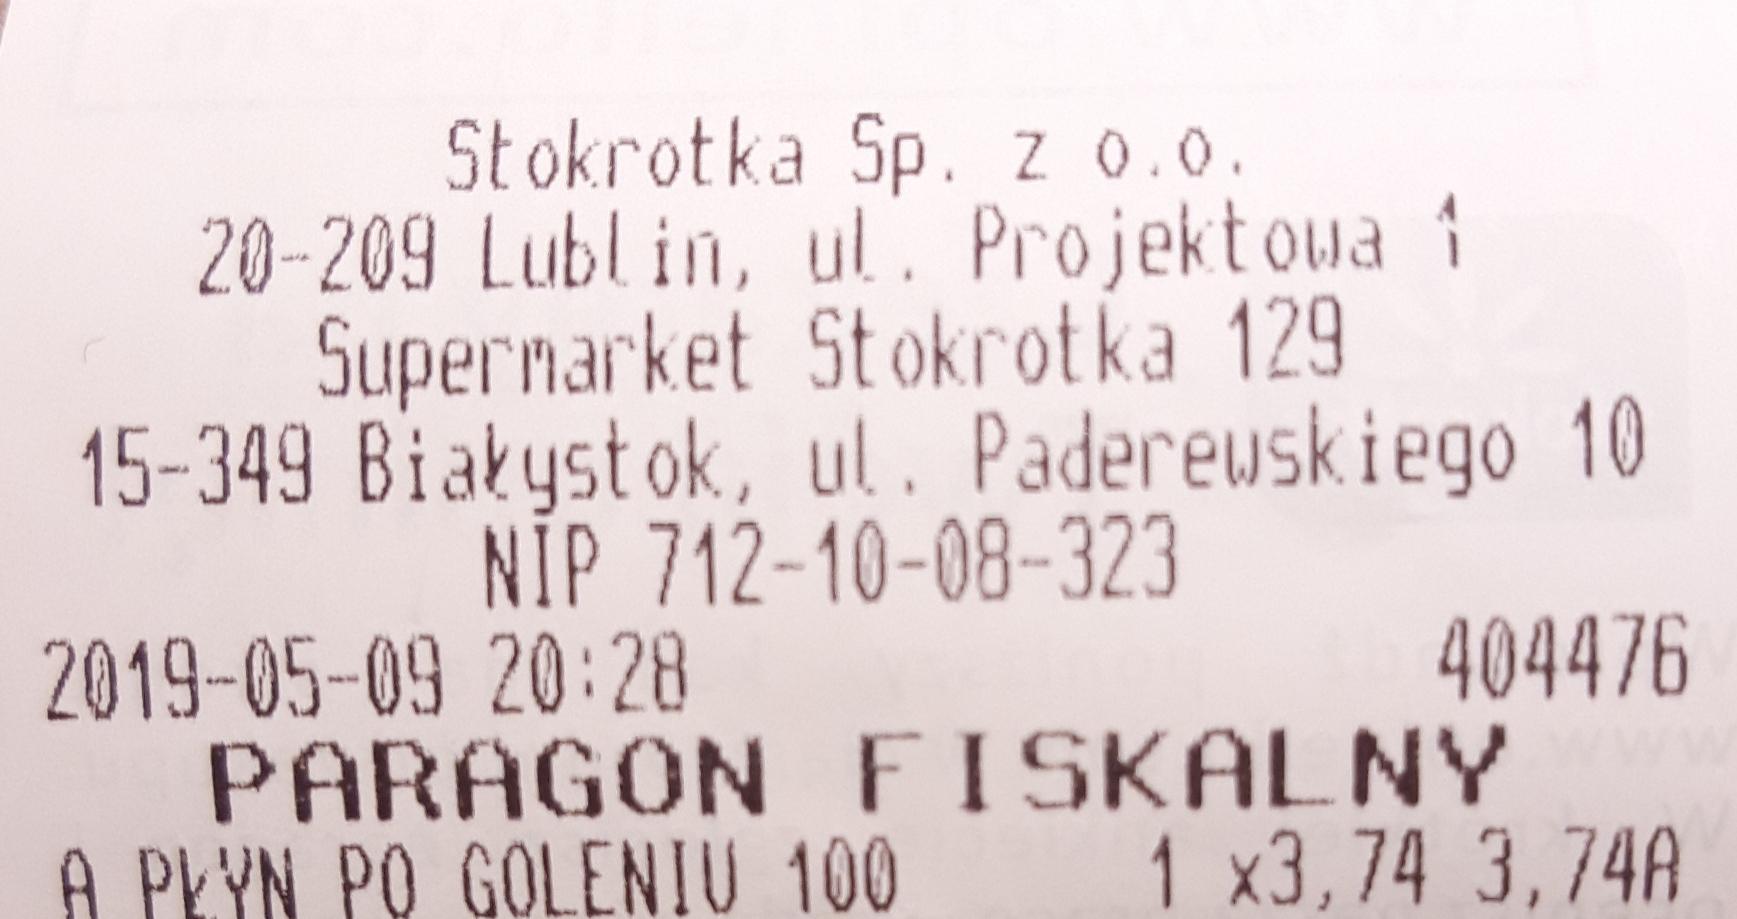 157685.jpg